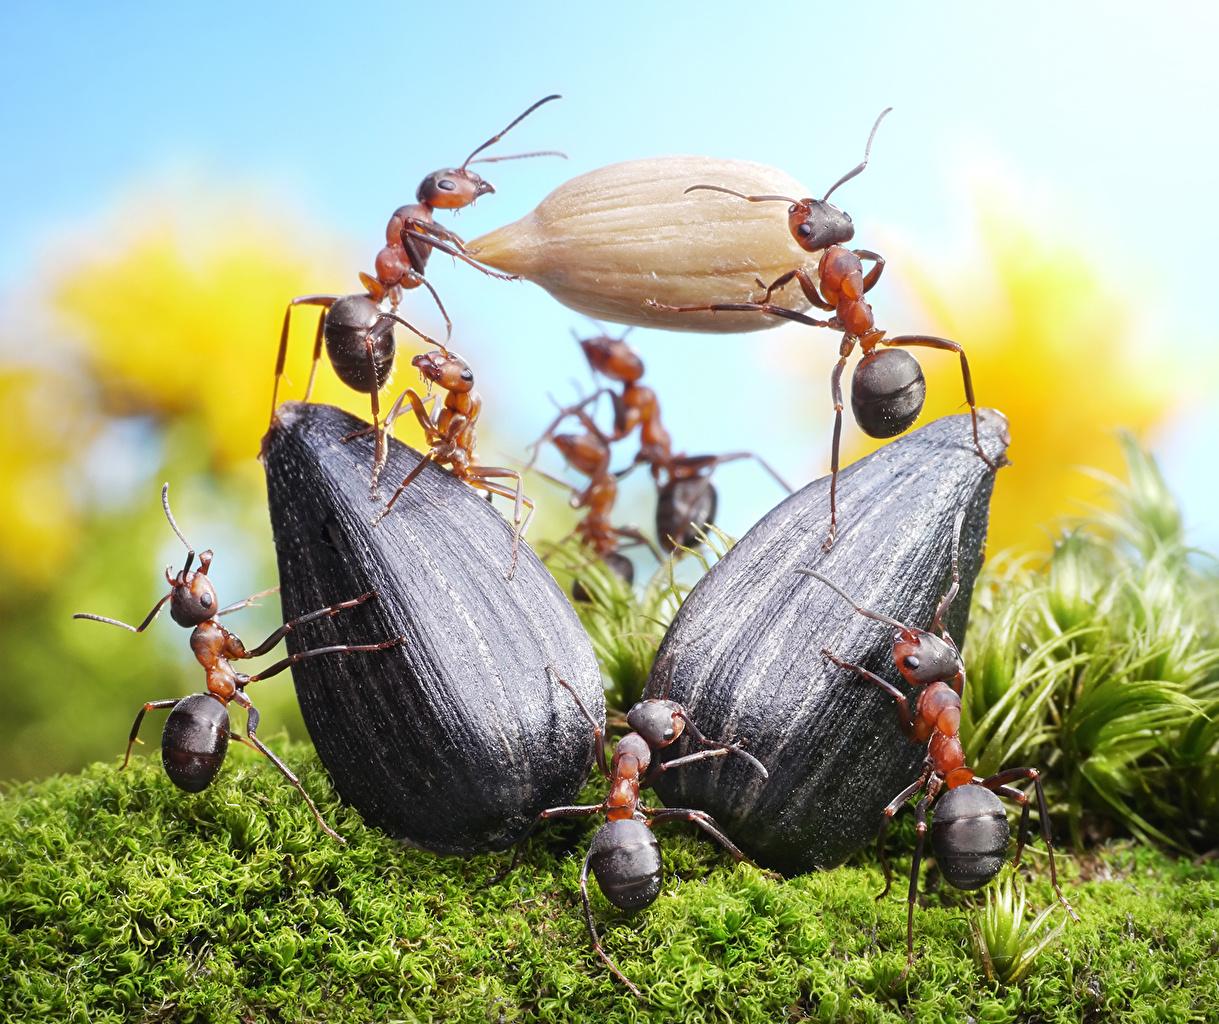 ,蚂蚁,特寫,Sunflower seed,,動物,